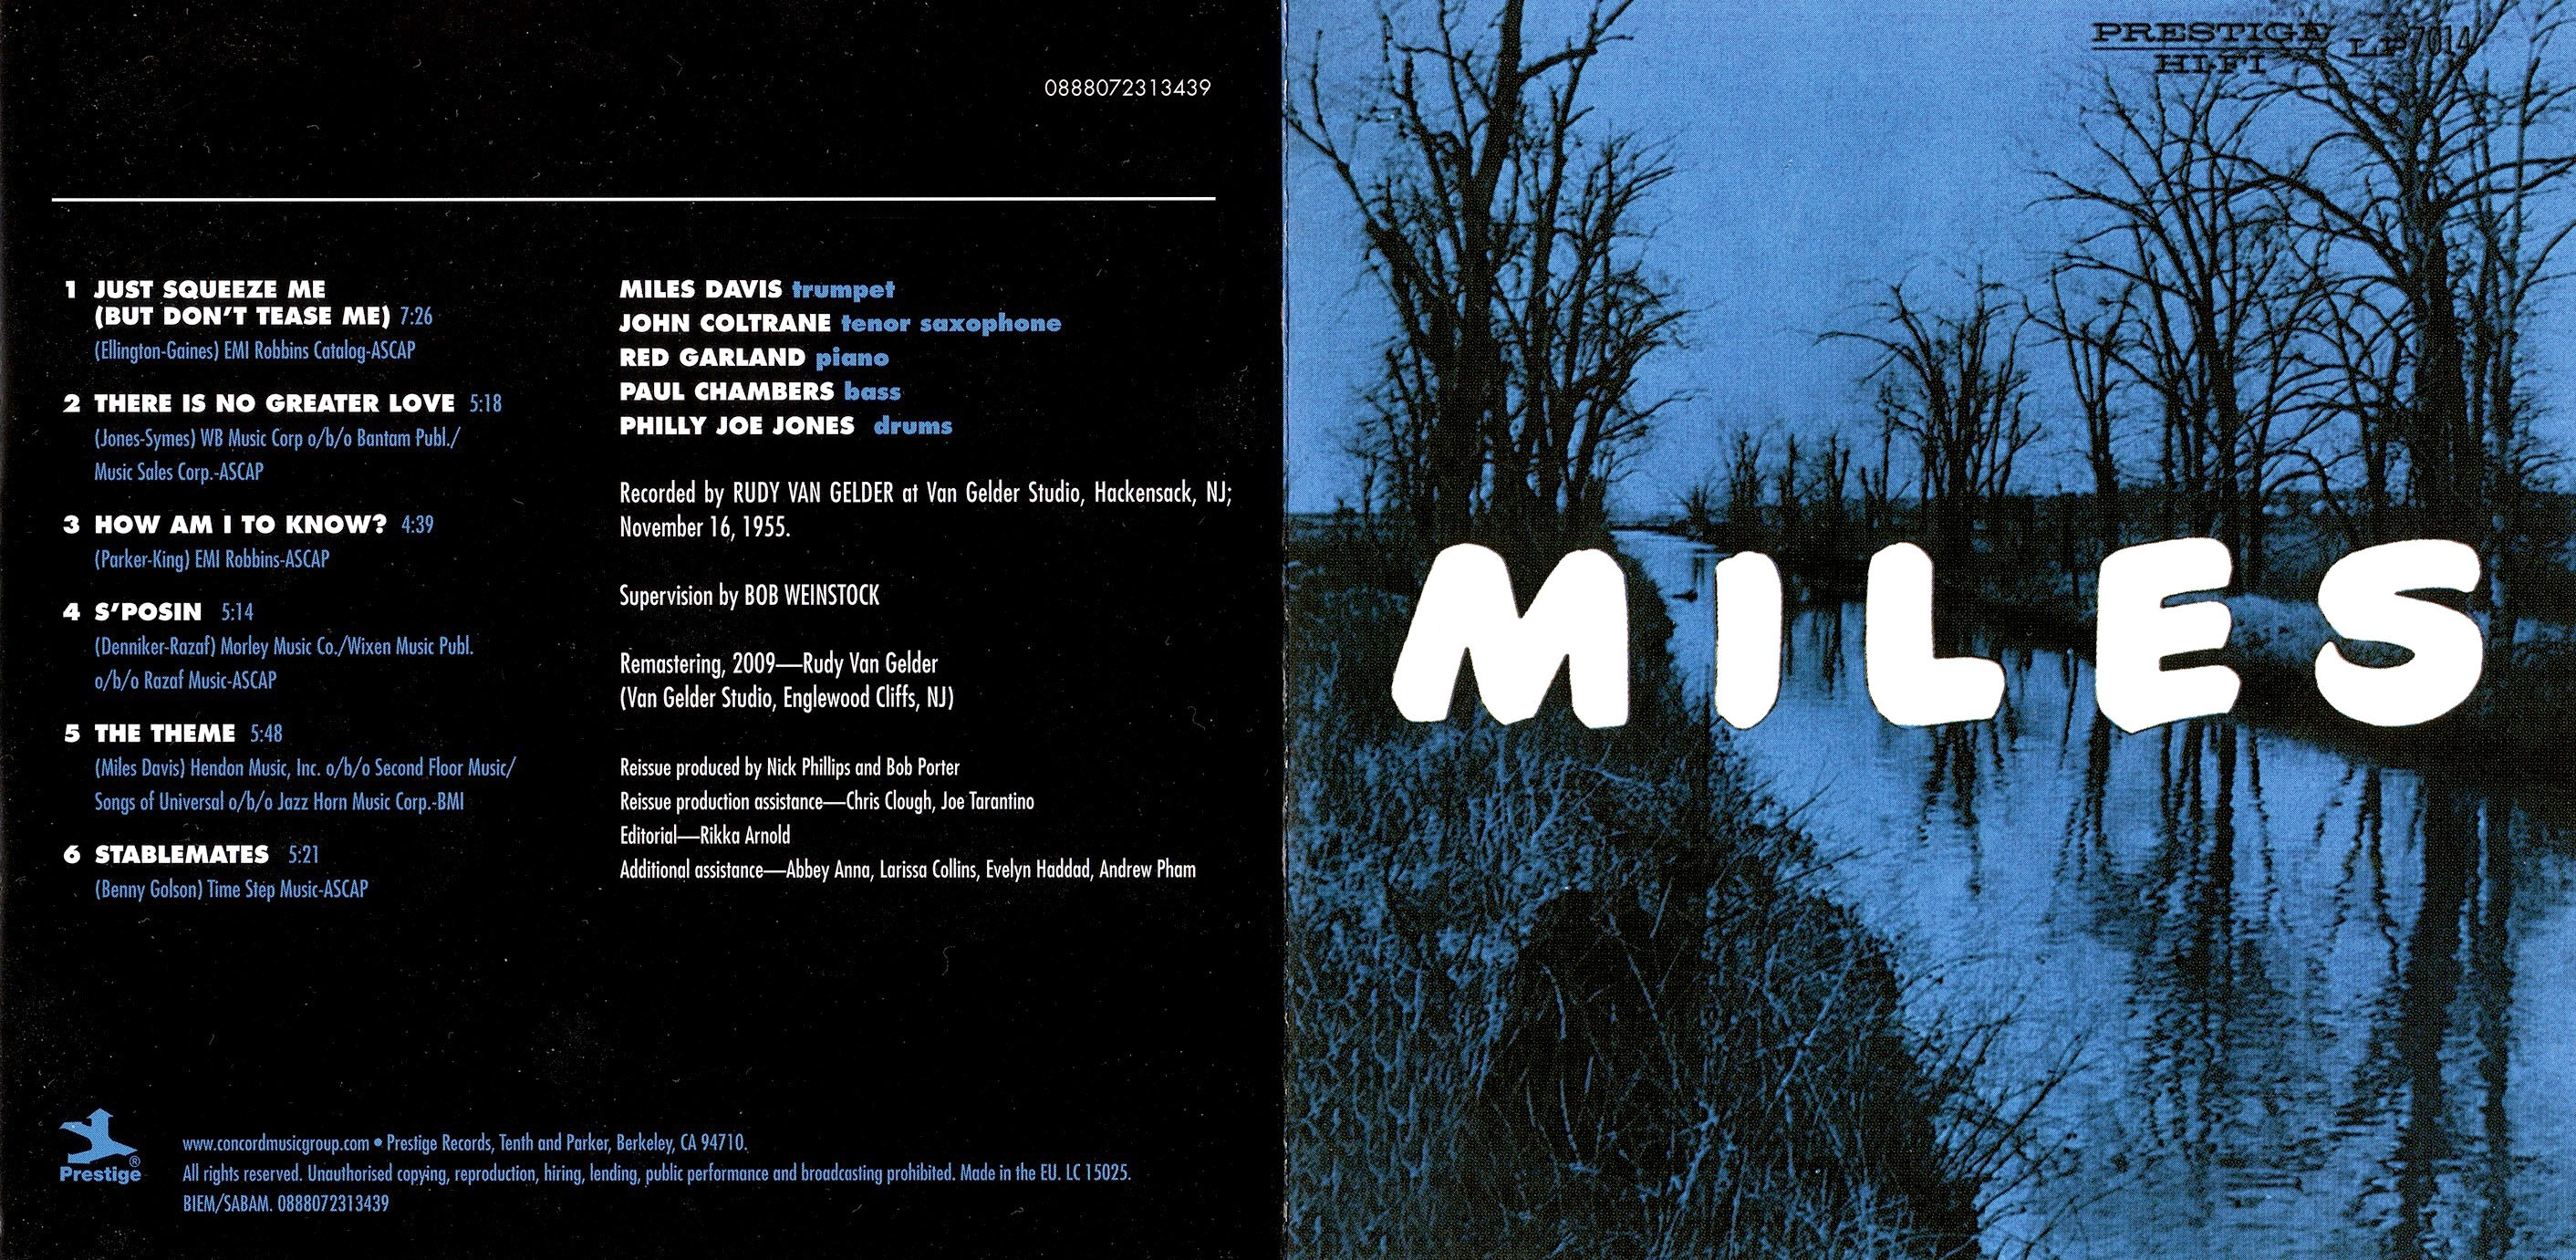 MD_tNMDQ.jpg